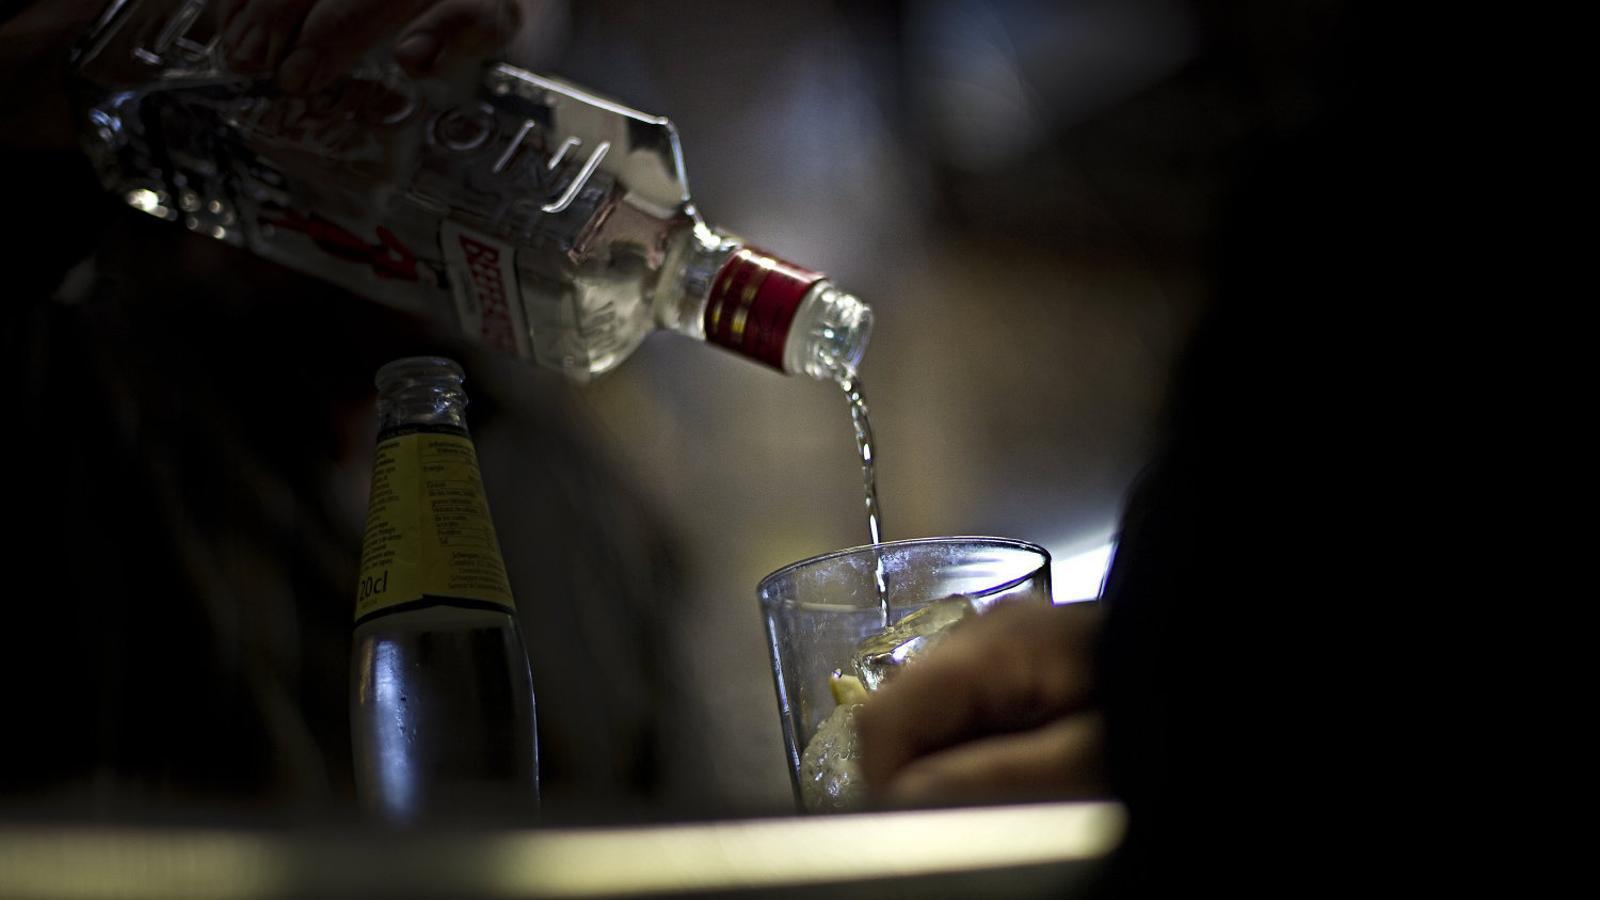 La futura llei de l'alcohol en menors vol penalitzar els pares si enxampen els fills bevent.